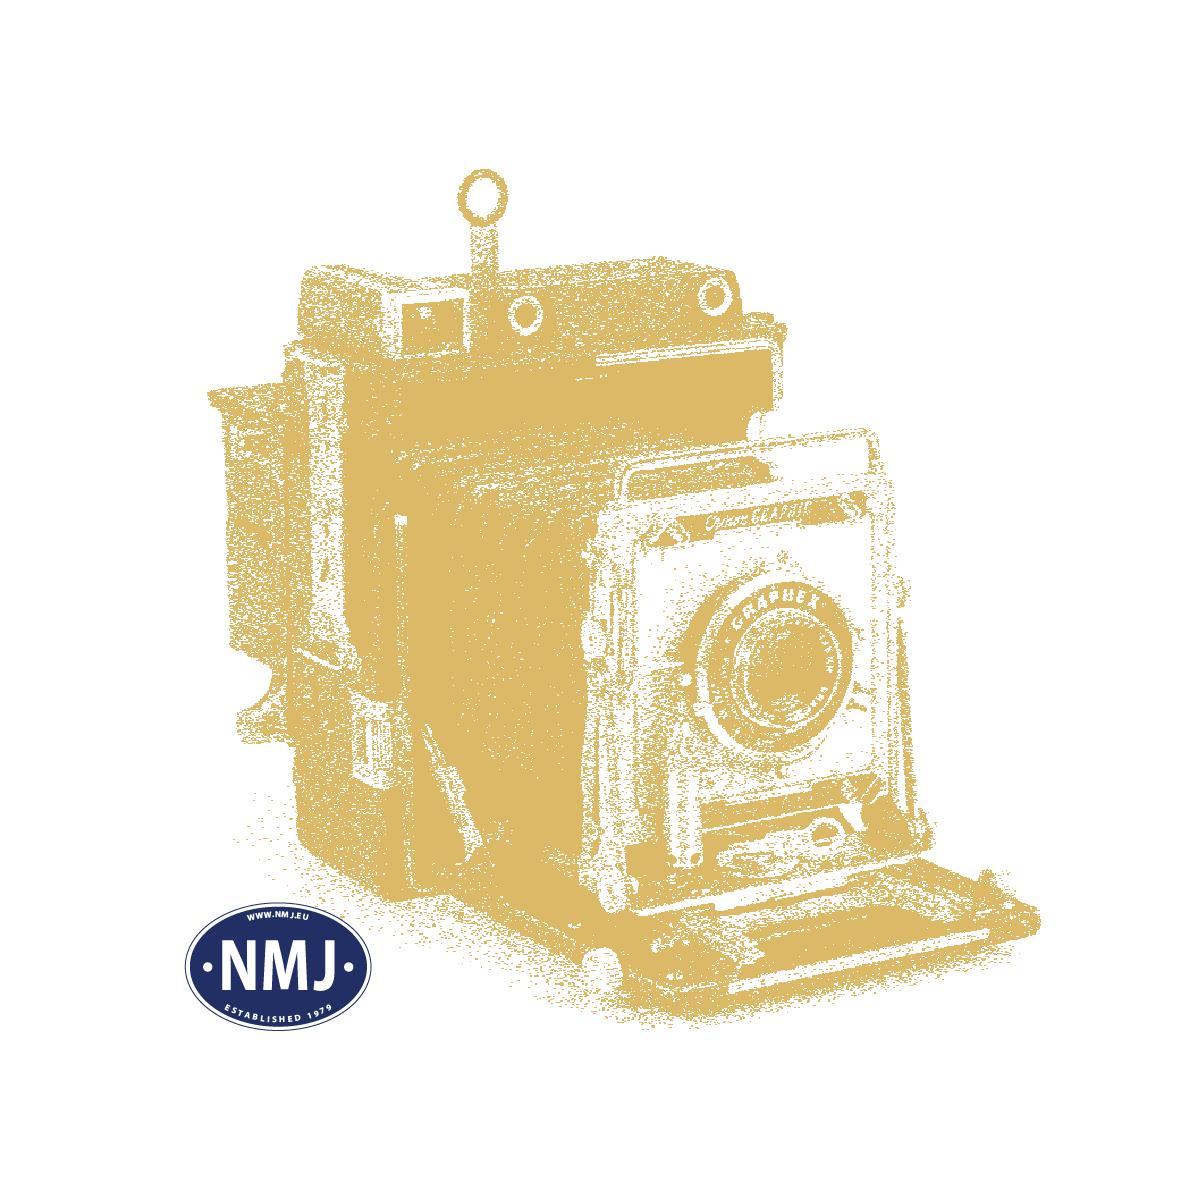 NMJS21e207 - NMJ Superline Modell der NSB Schlepptenderlok Type 21e 207